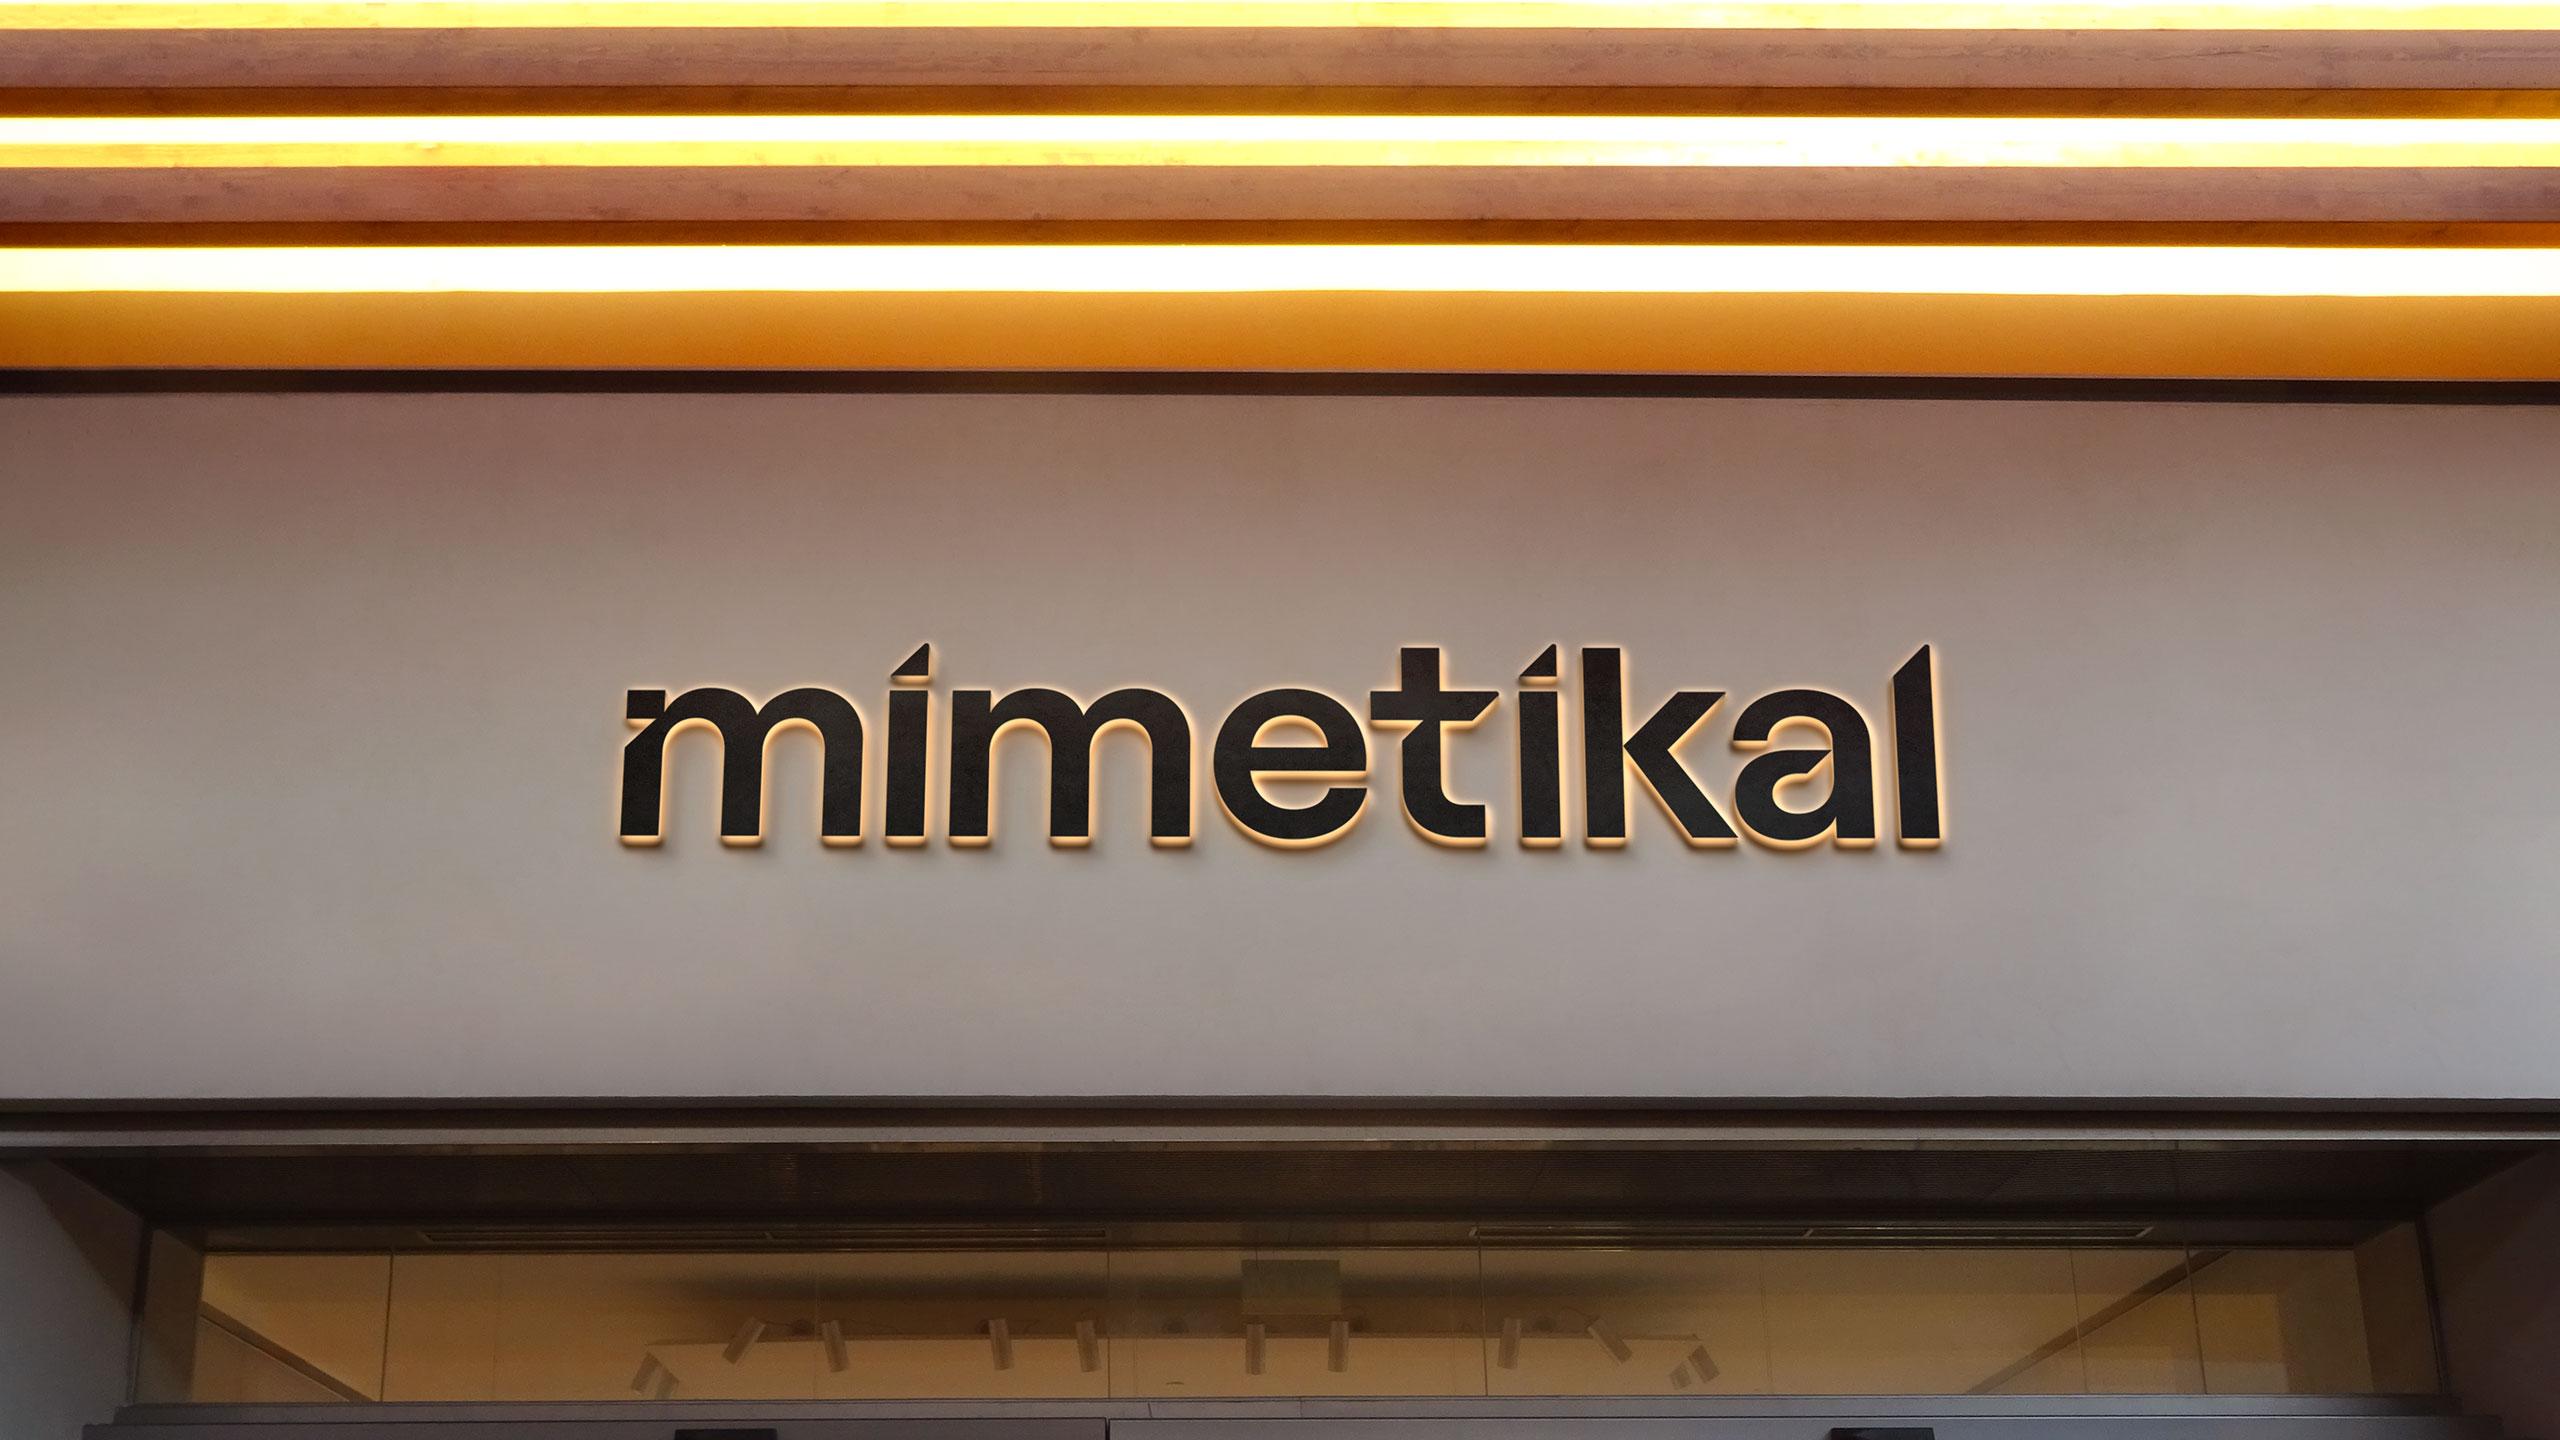 MIMETIKAL